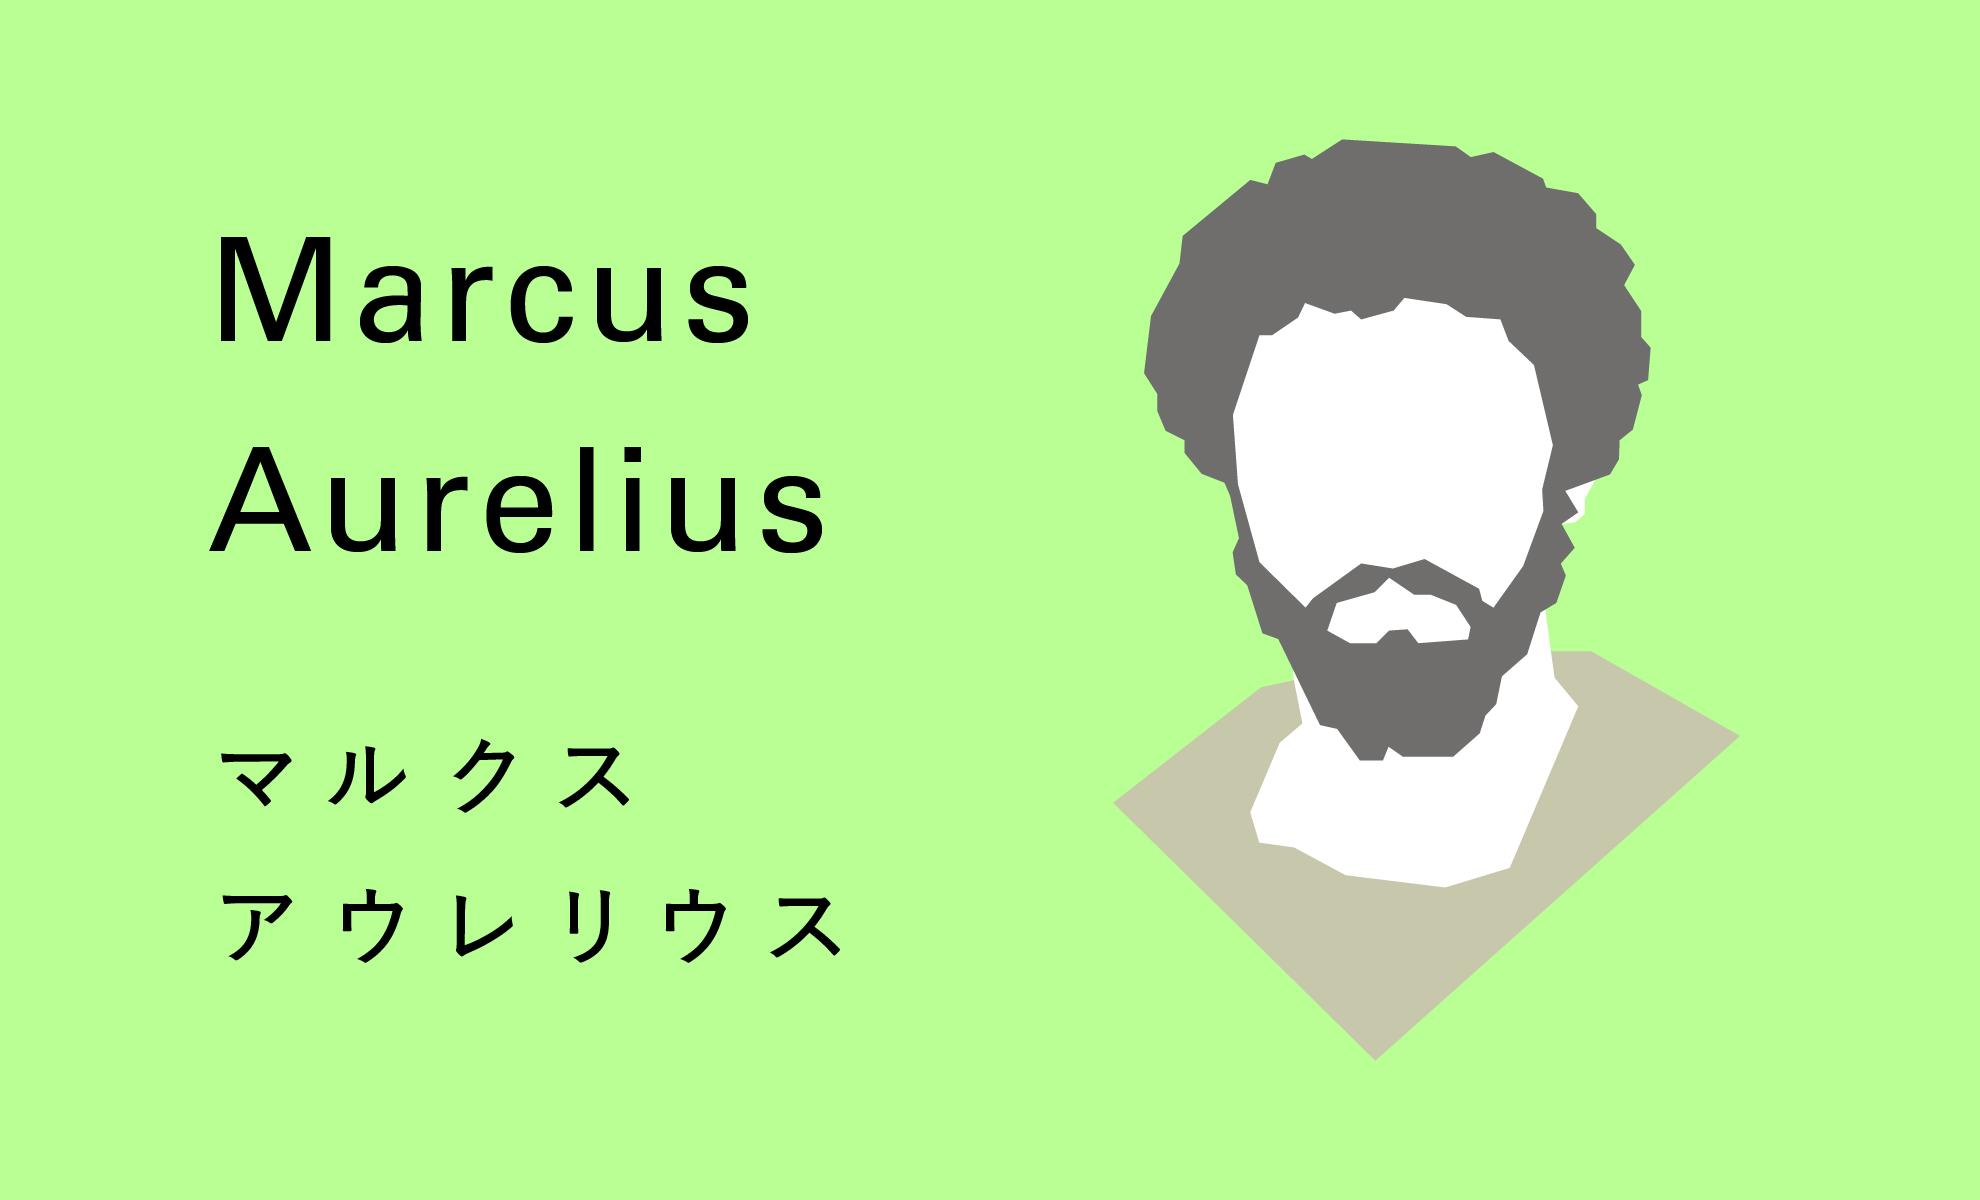 マルクス・アウレリウスの名言からの学び。[命に対する向き合い方]のイラスト5